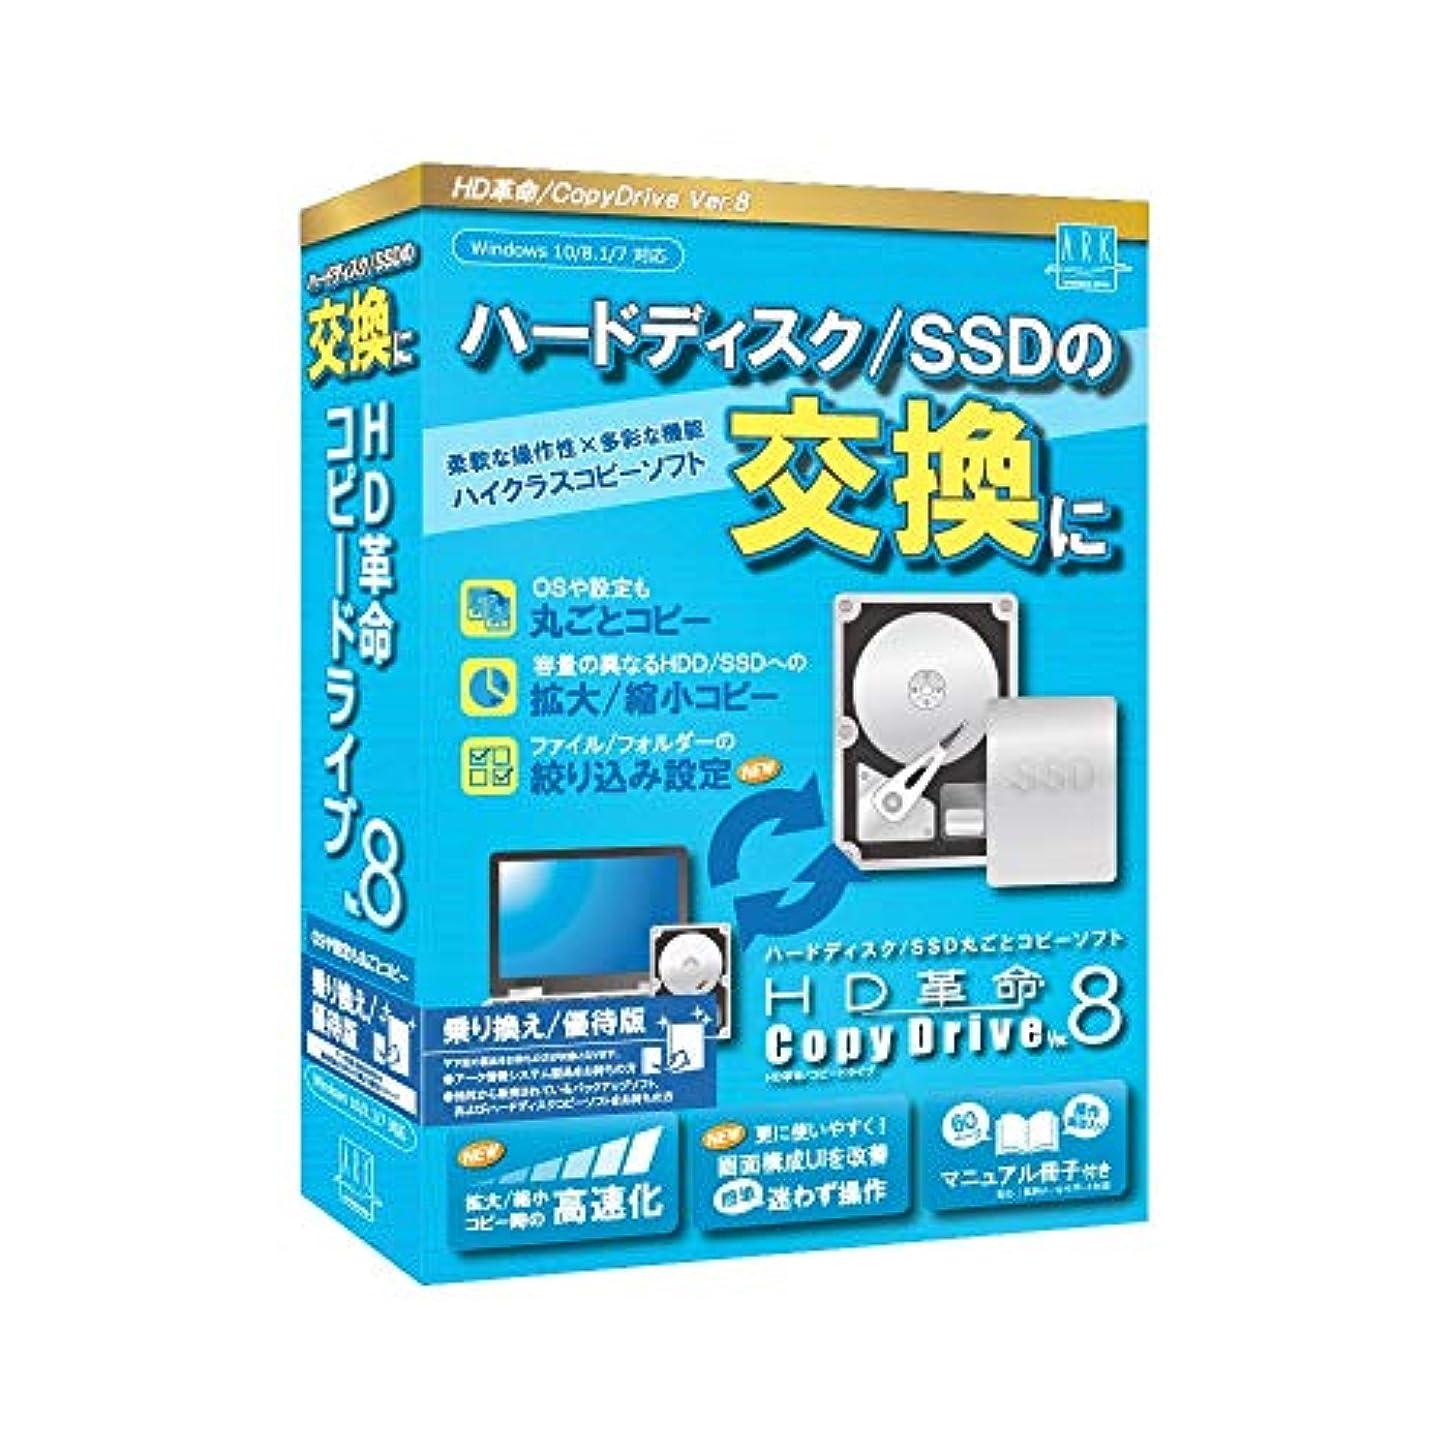 アナロジー安全クラックポット【最新版】HD革命/CopyDrive8_乗り換え/優待版 ハードディスク SSD 入れ替え 交換 まるごとコピーソフト コピードライブ